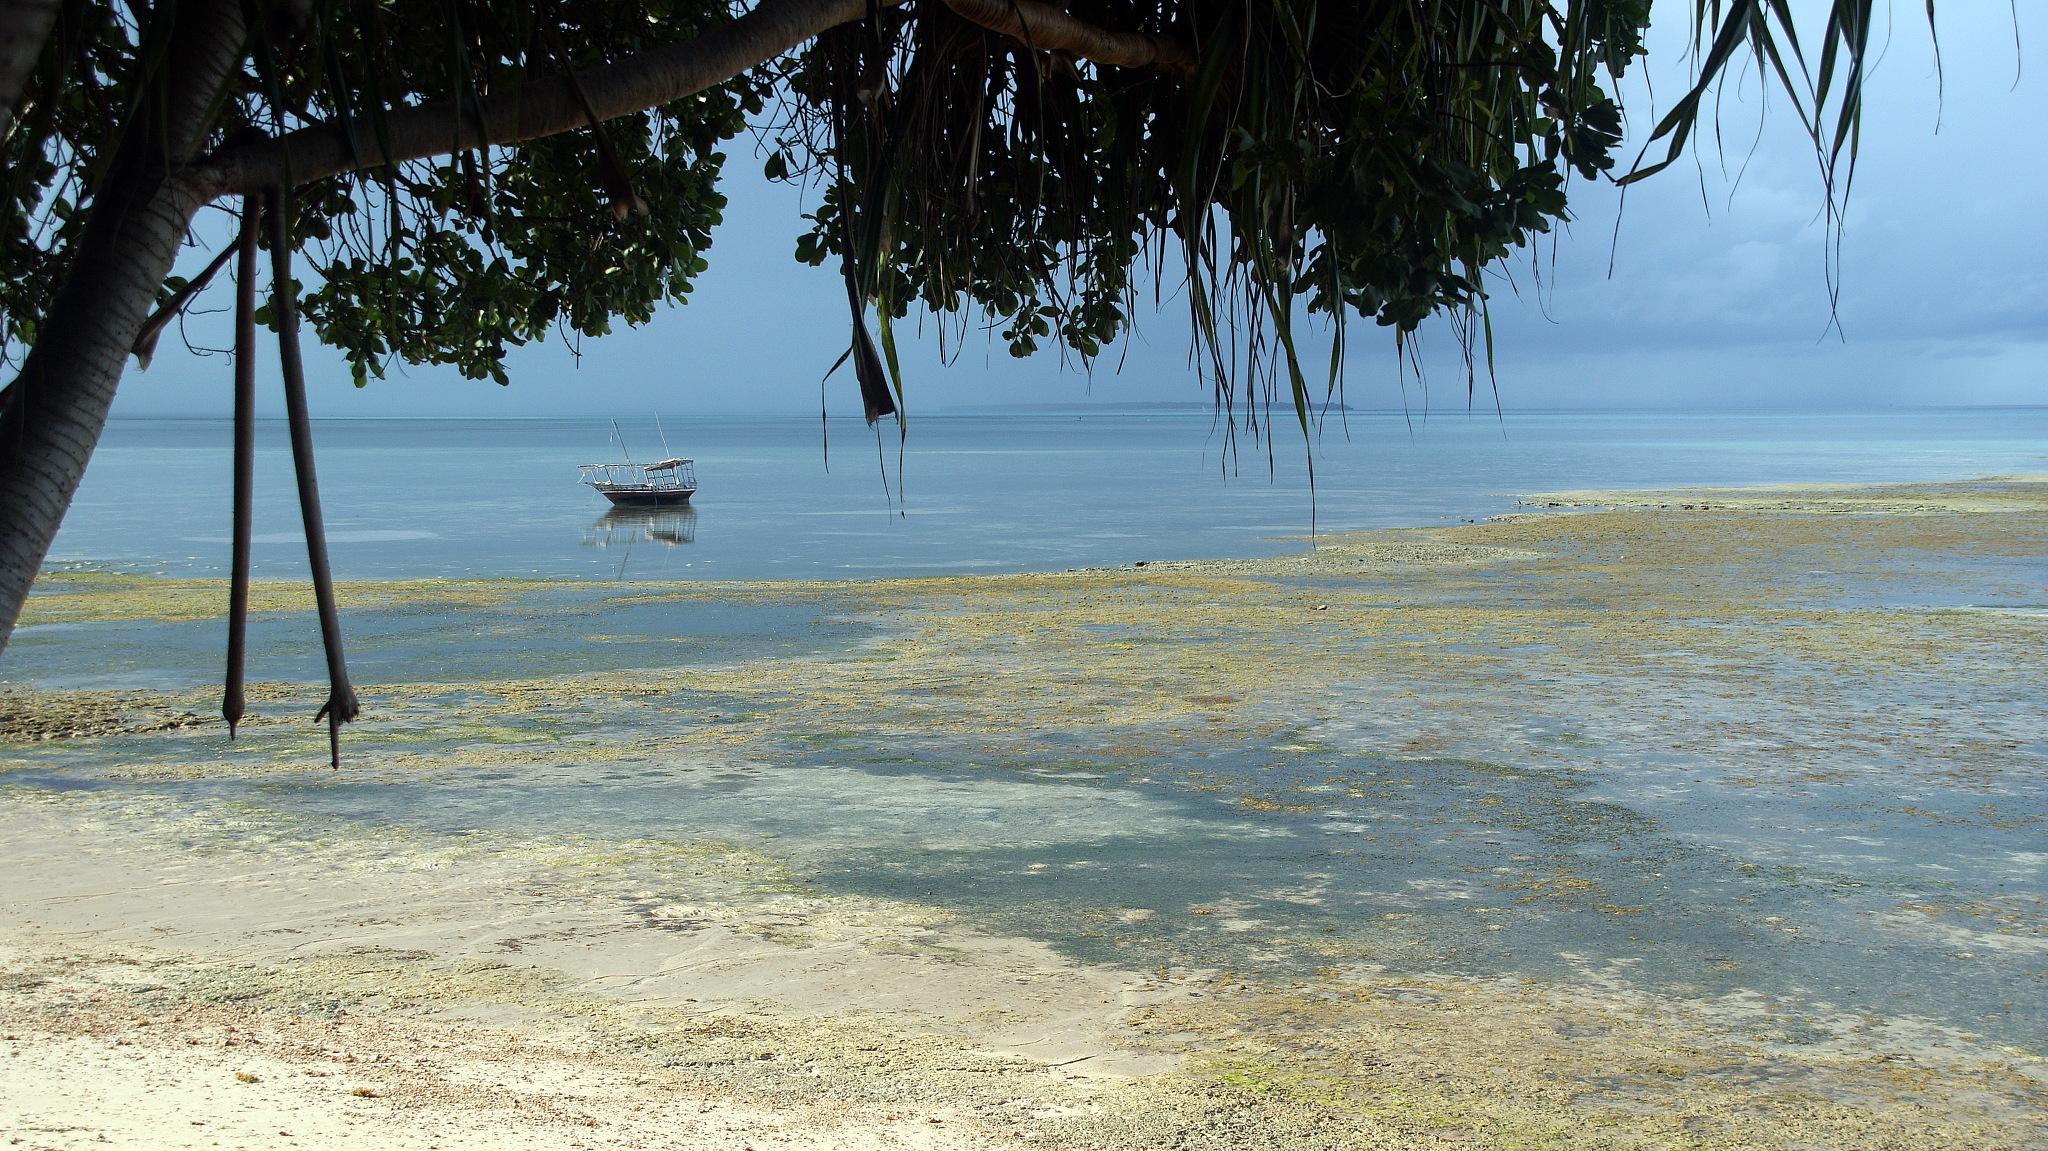 Zanzibar Fishery by Jeroen Hoogakker